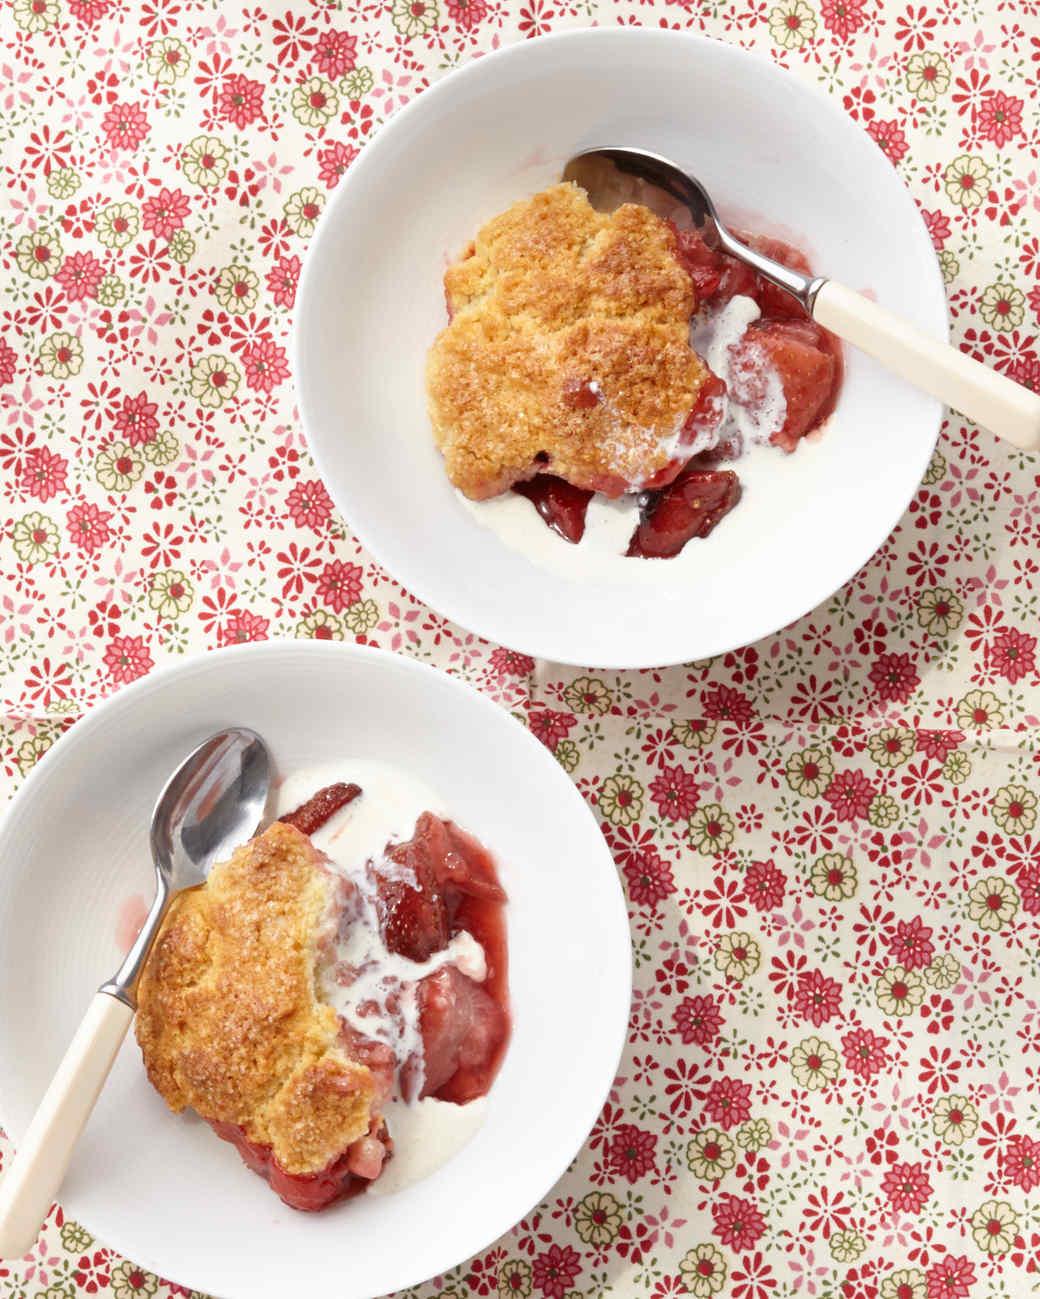 strawberry-cobbler-0067-d112152.jpg